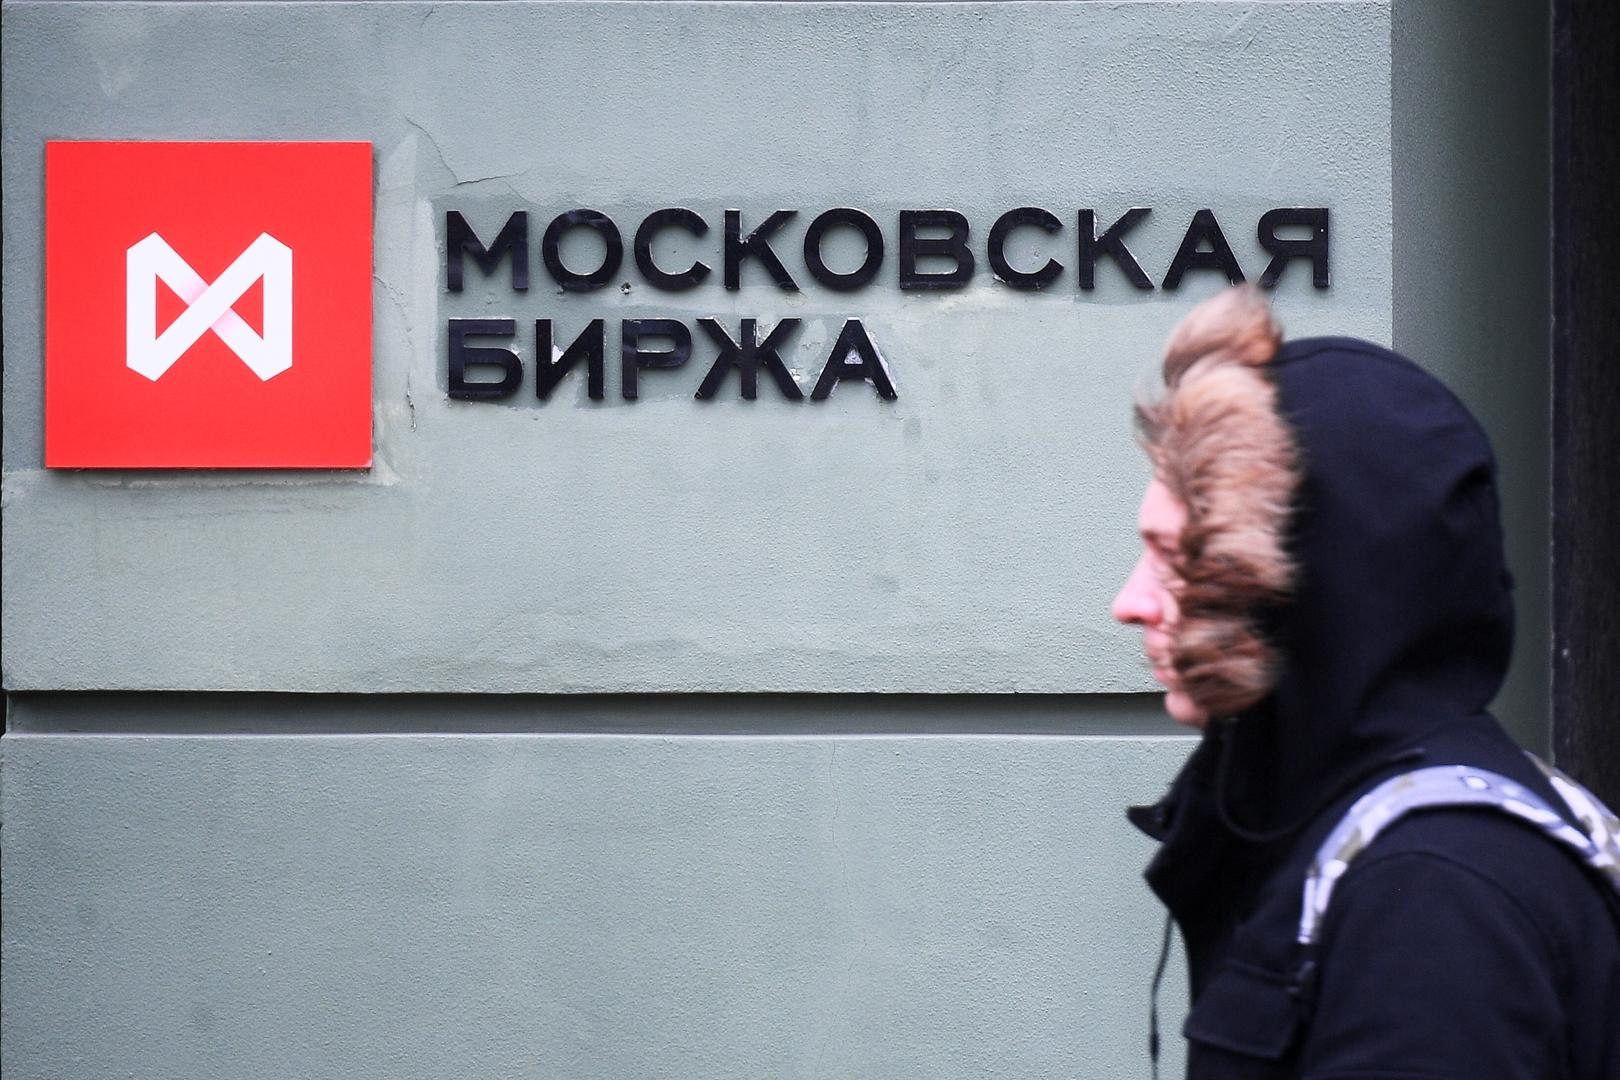 البورصة الروسية في المنطقة الخضراء